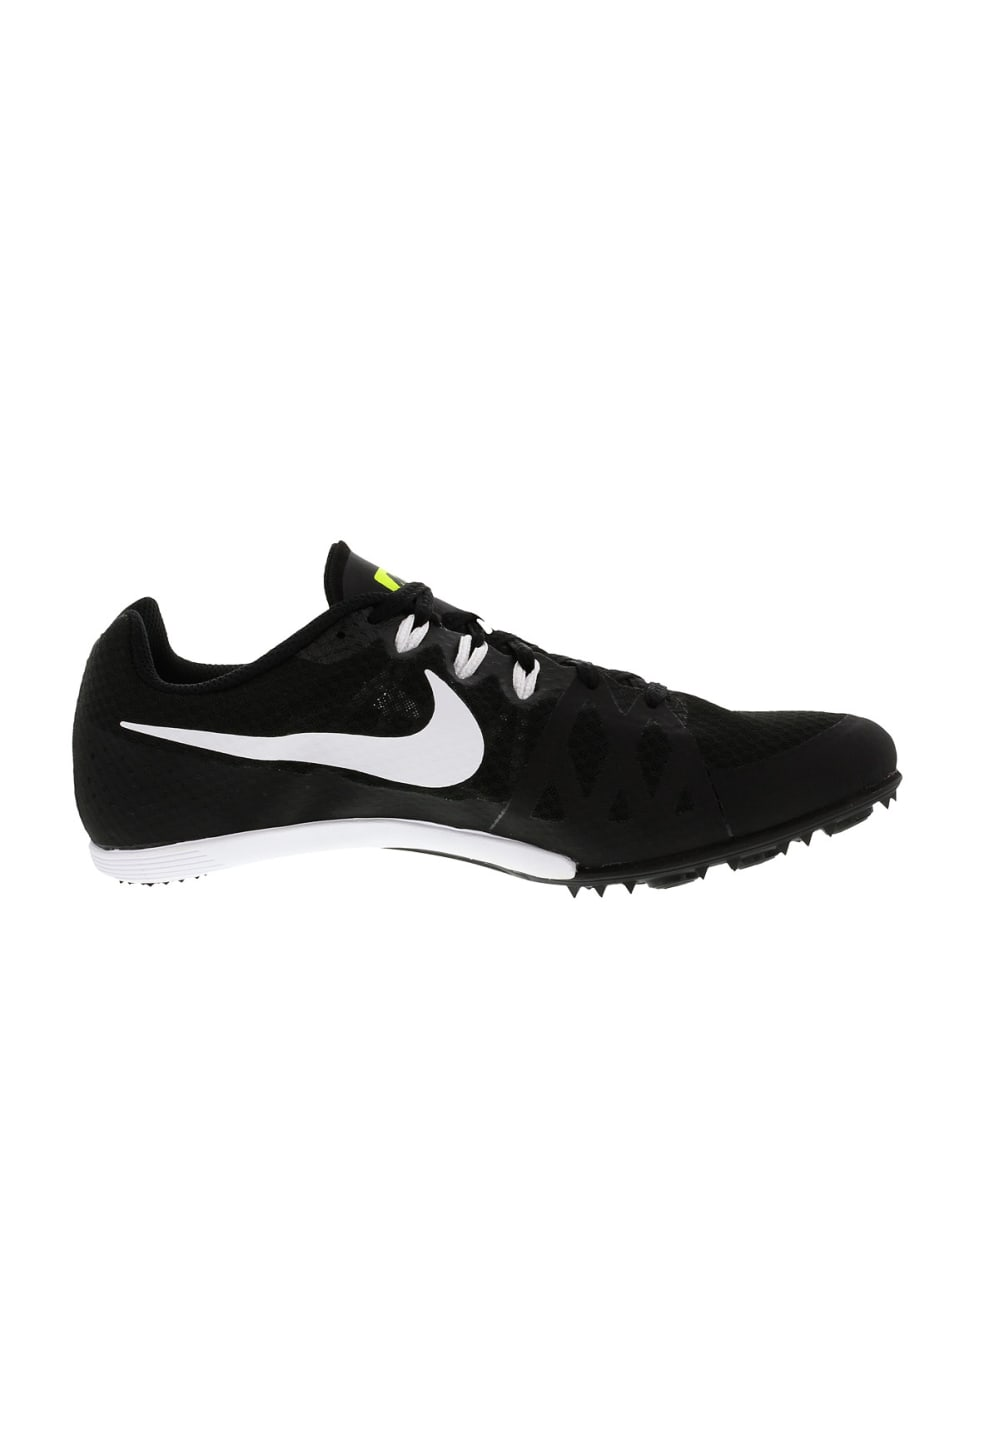 820cc2da1ae8b Previous. Next. -60%. Nike. Zoom Rival Md 8 ...